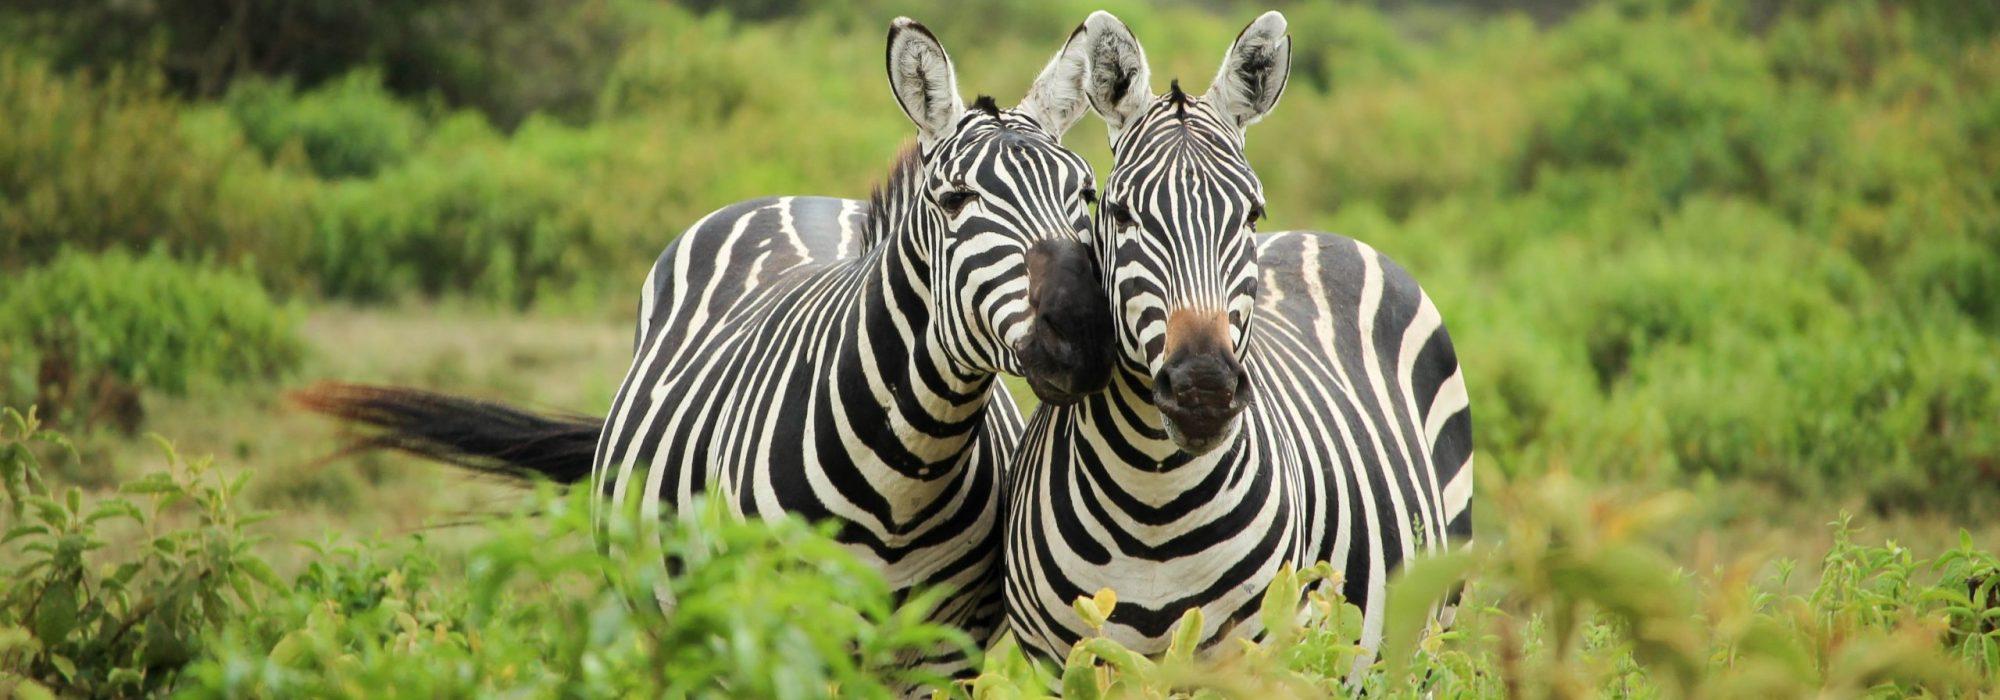 kenyalisa-h-169936-unsplash